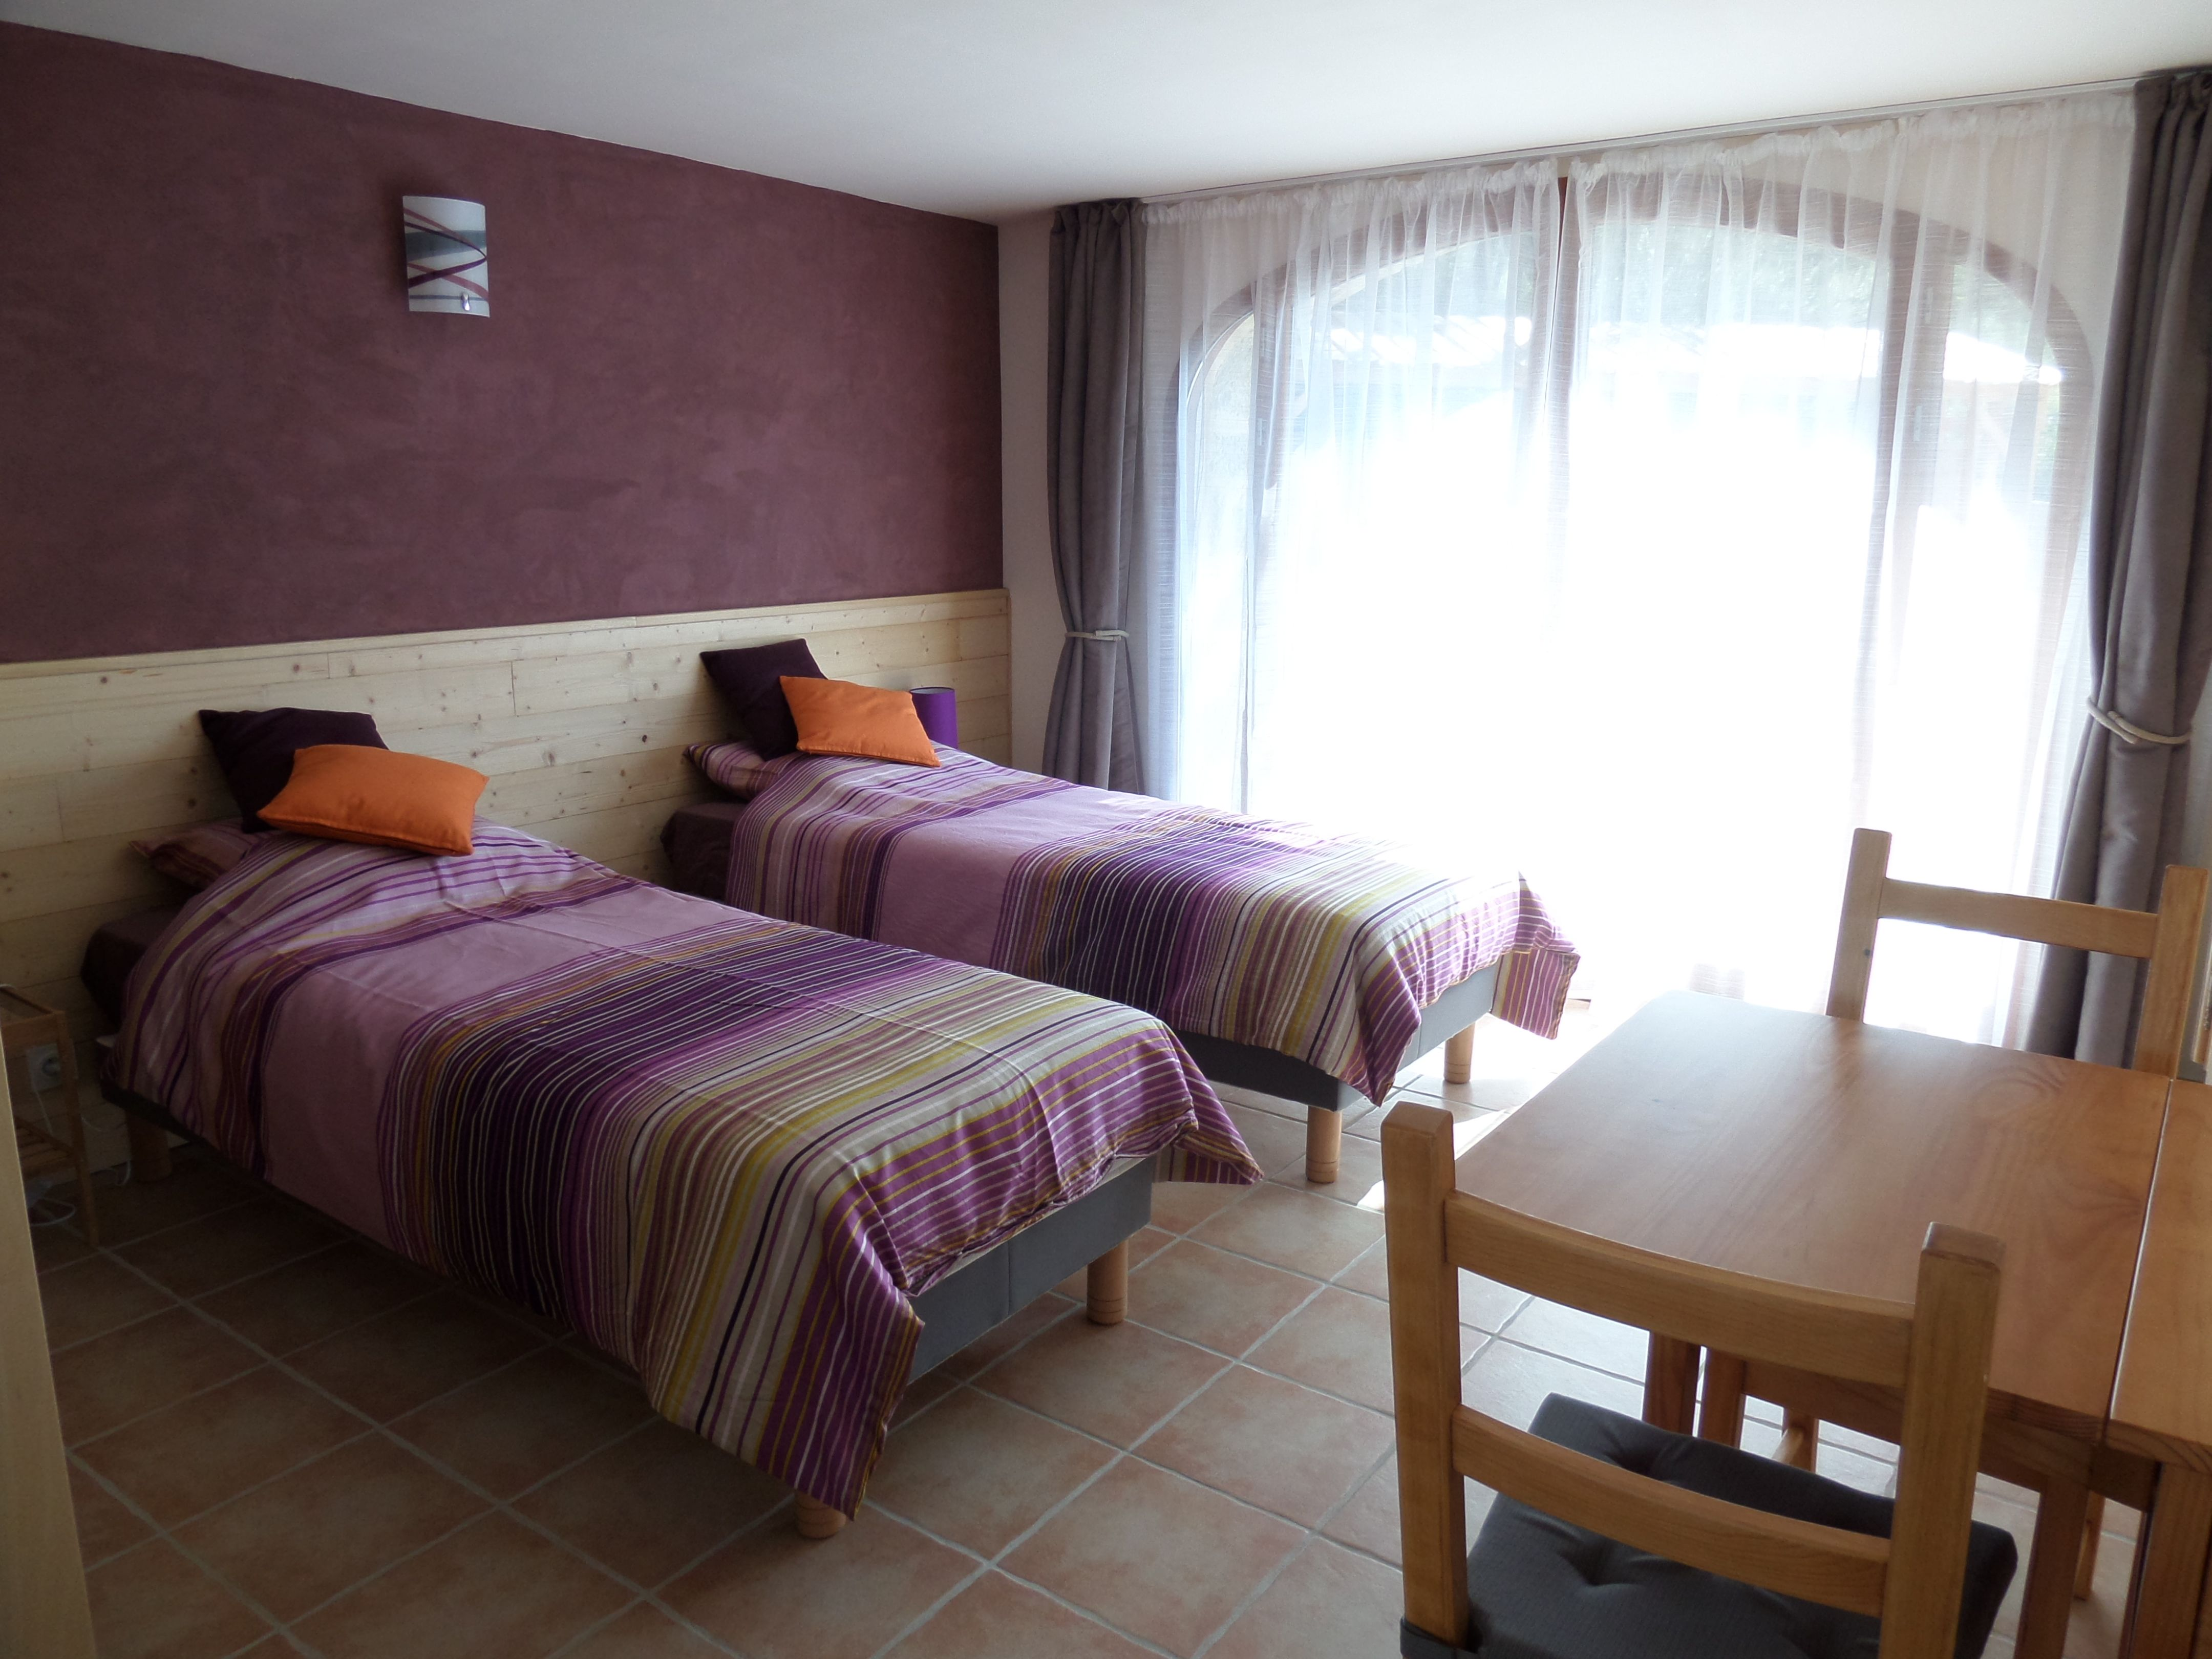 Disposition des lits dans la chambre pr sence relationpr sence - Disposition de chambre ...